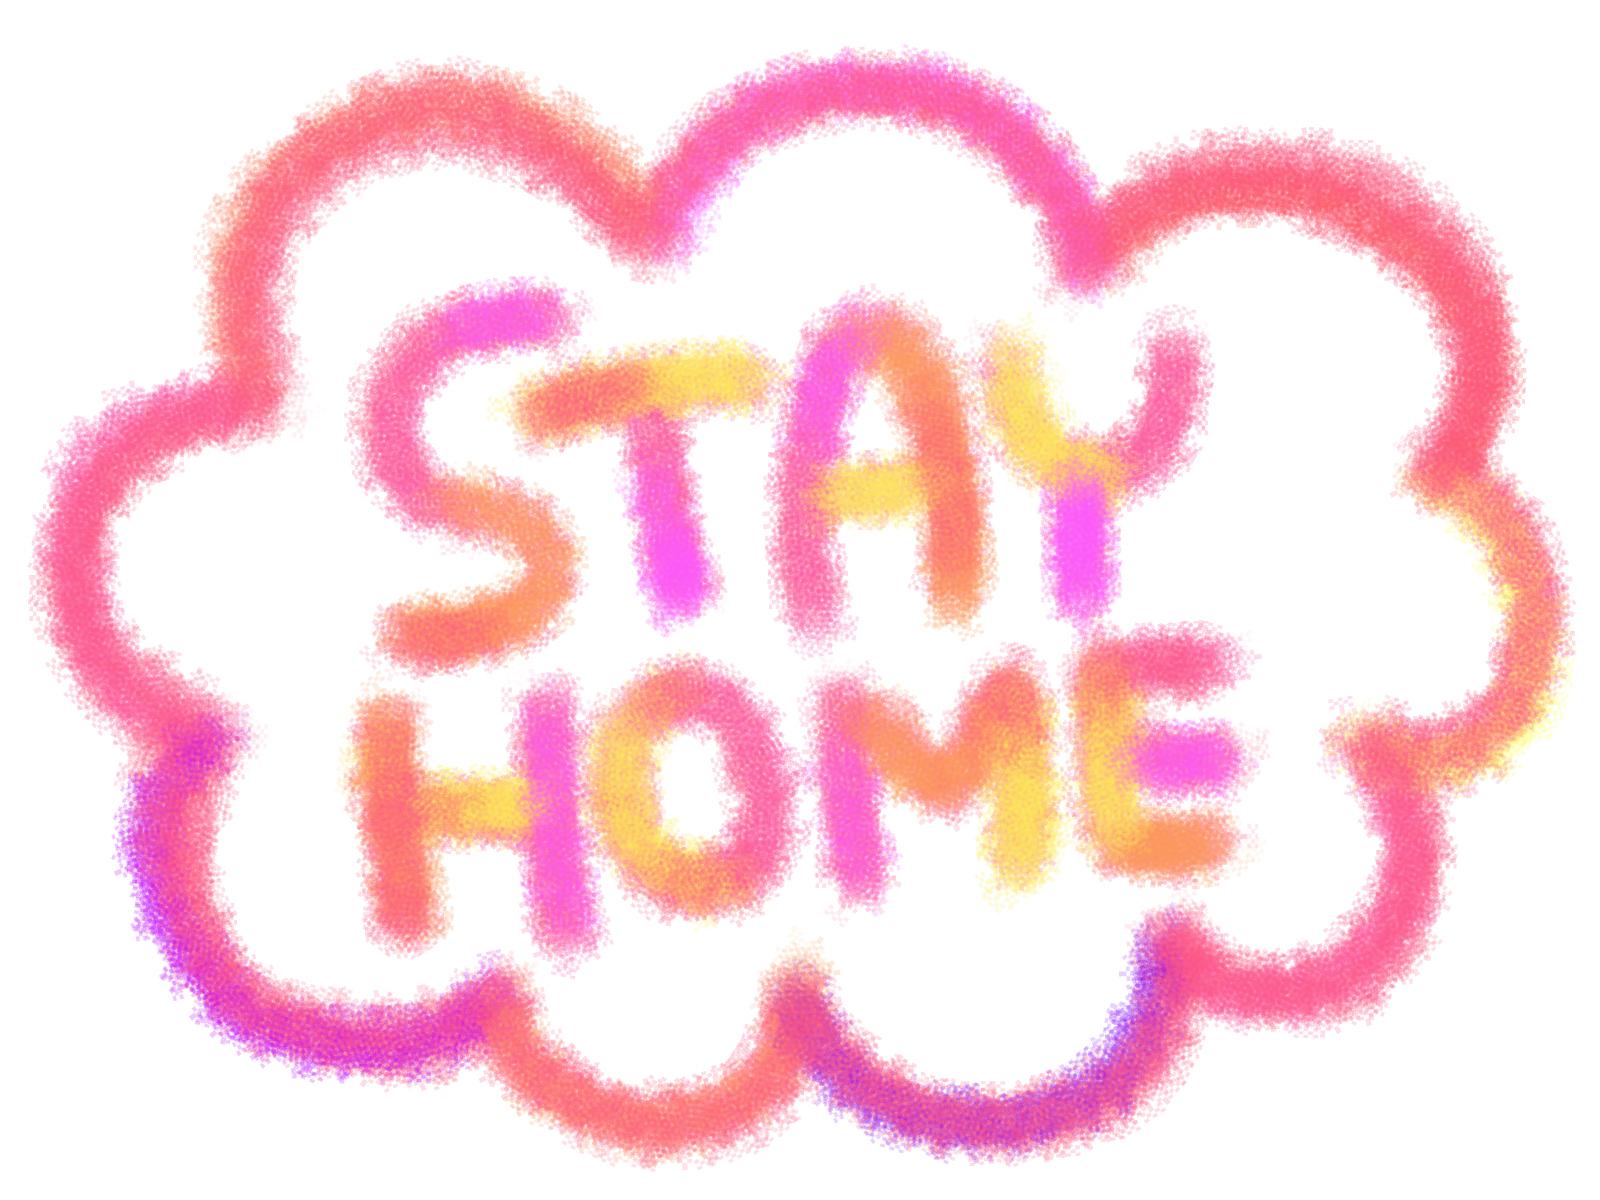 【おうちで過ごそう!⑩】ZOOMを初めて使ってみた。習い事もオンライン化が進む。【小1 4月】